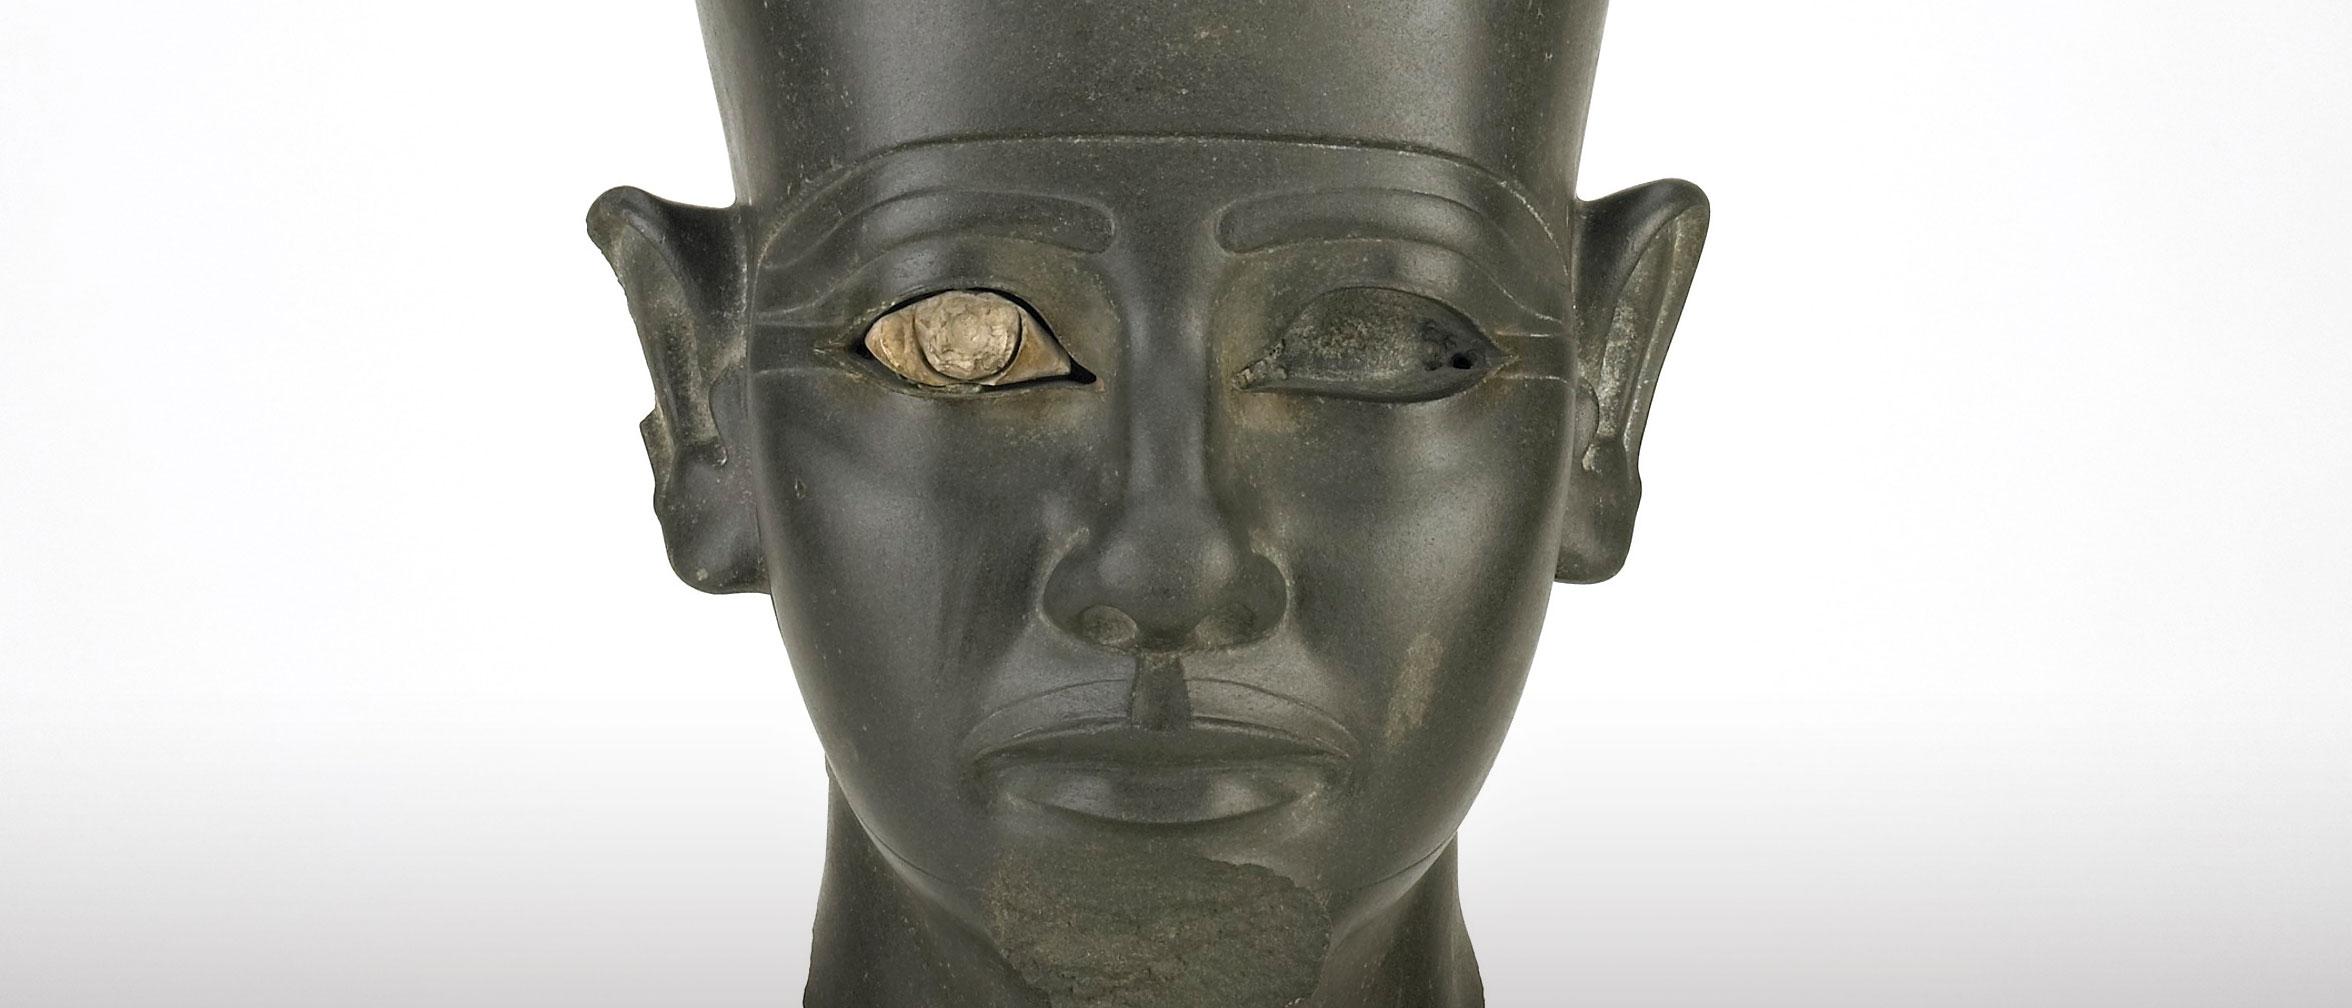 Head of a pharaoh, F1938.11